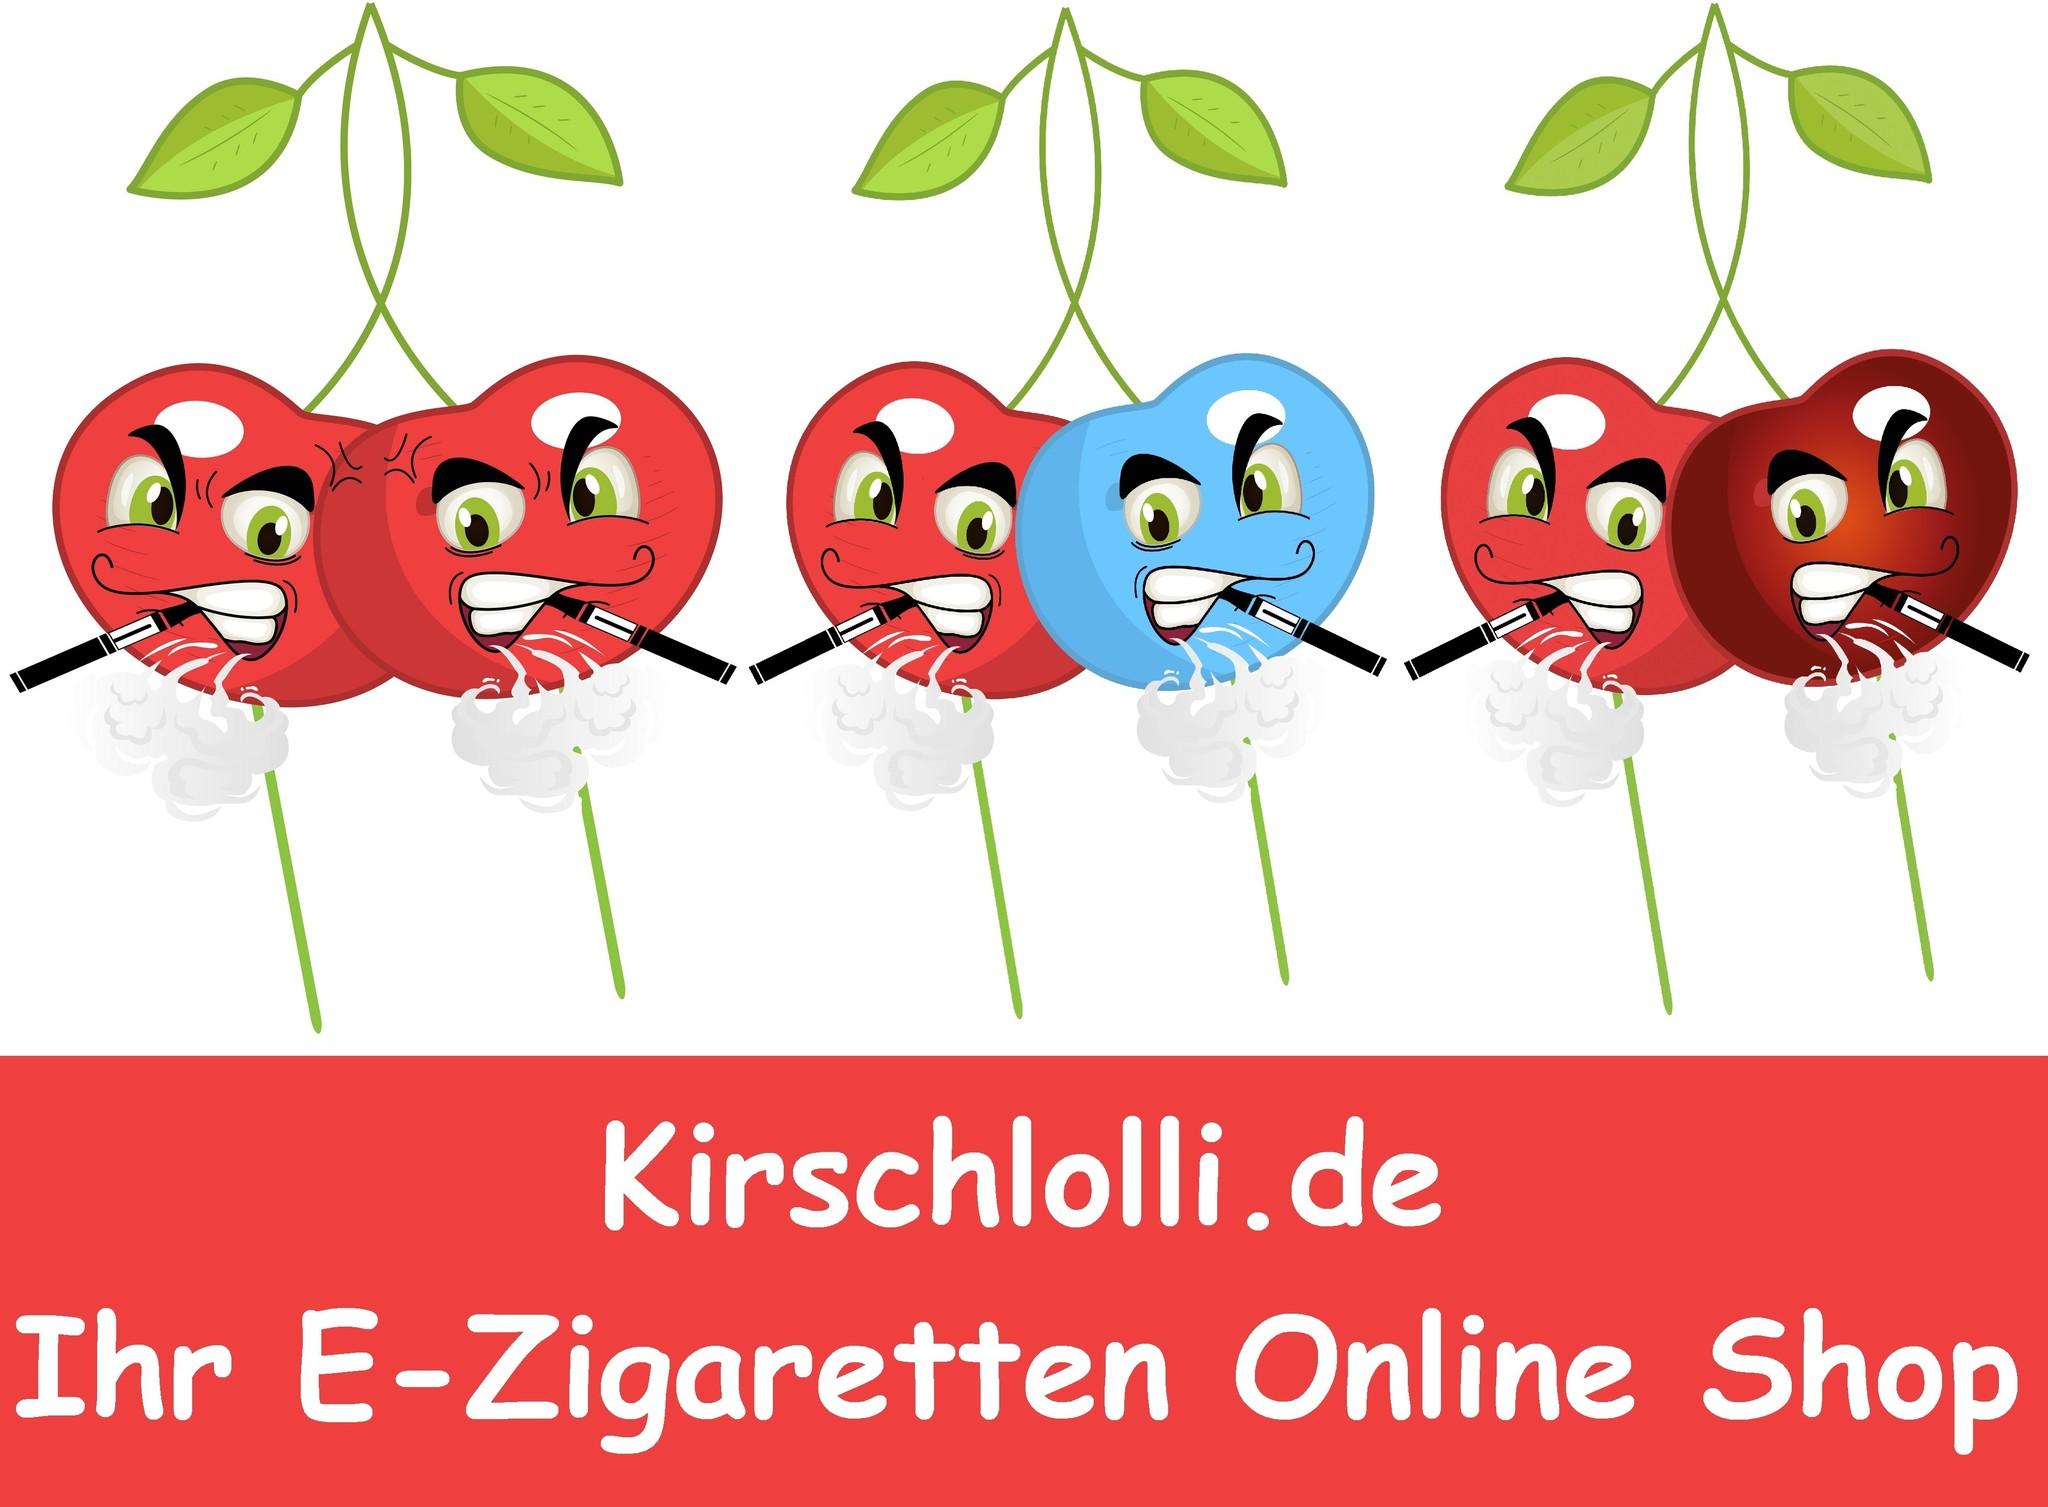 Kirschlolli.de - Ihr E-Zigaretten Online Shop